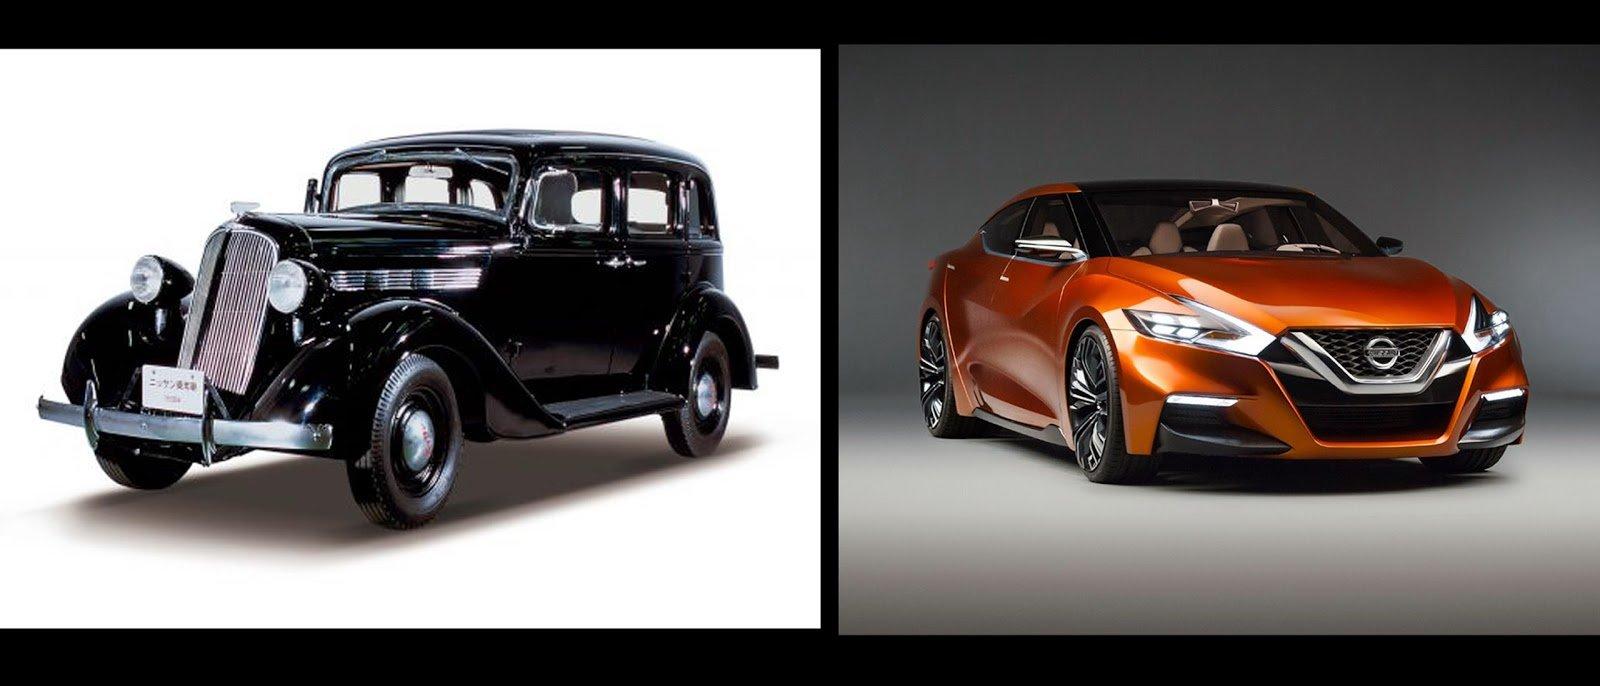 Xu hướng ô tô 2020 thay đổi theo hướng cạnh tranh hơn và đổi mới liên tục.